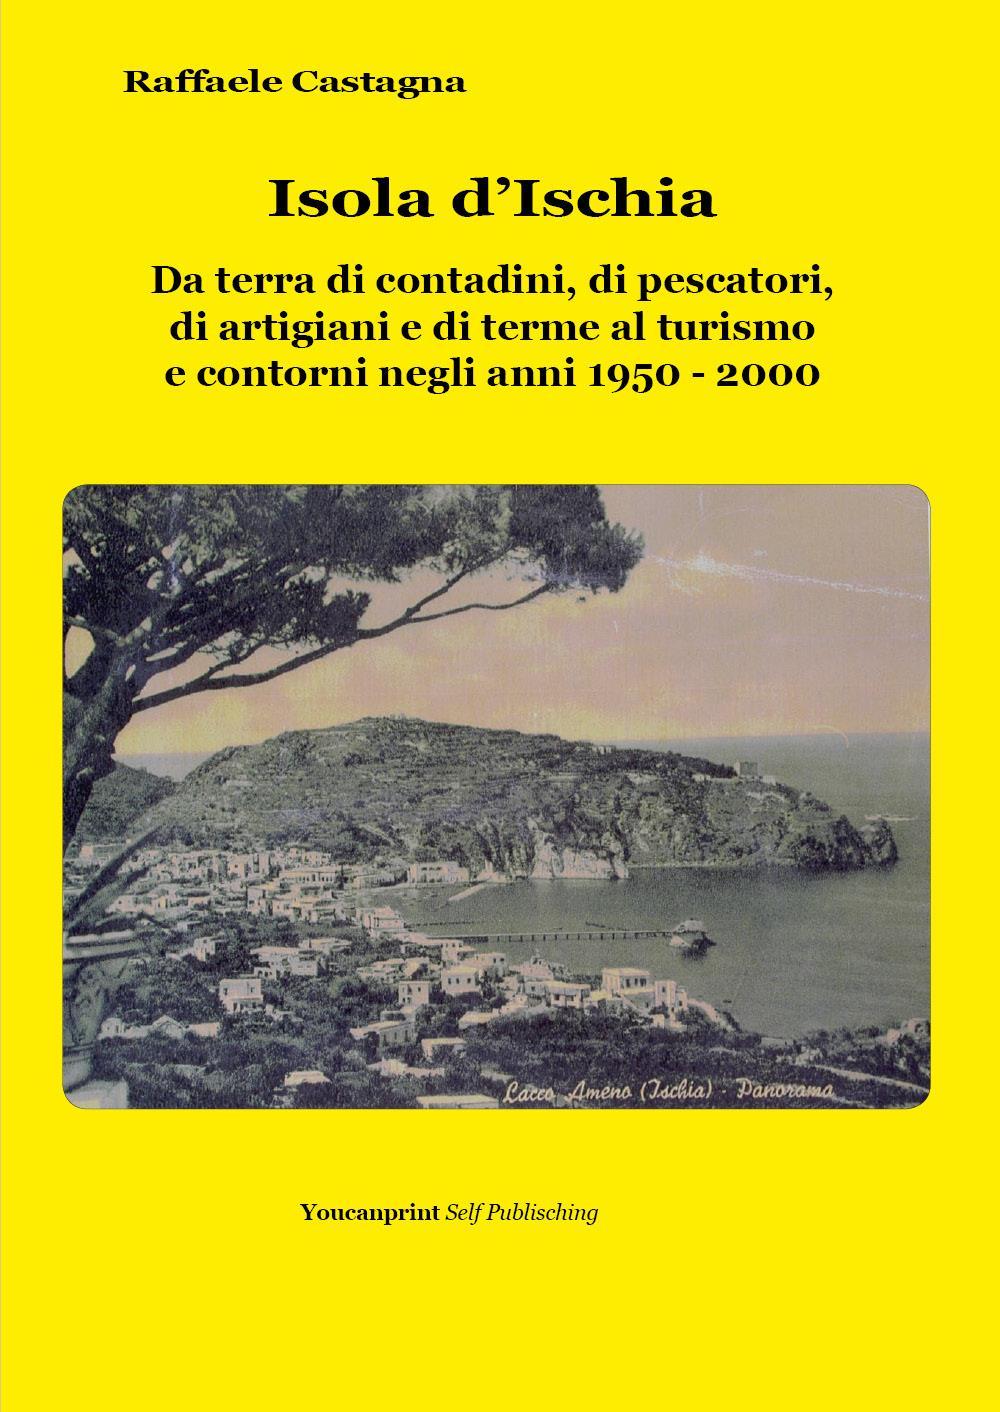 Isola d'Ischia - Da terra di contadini, di pescatori, di artigiani e di terme al turismo e contorni negli anni 1950-2000